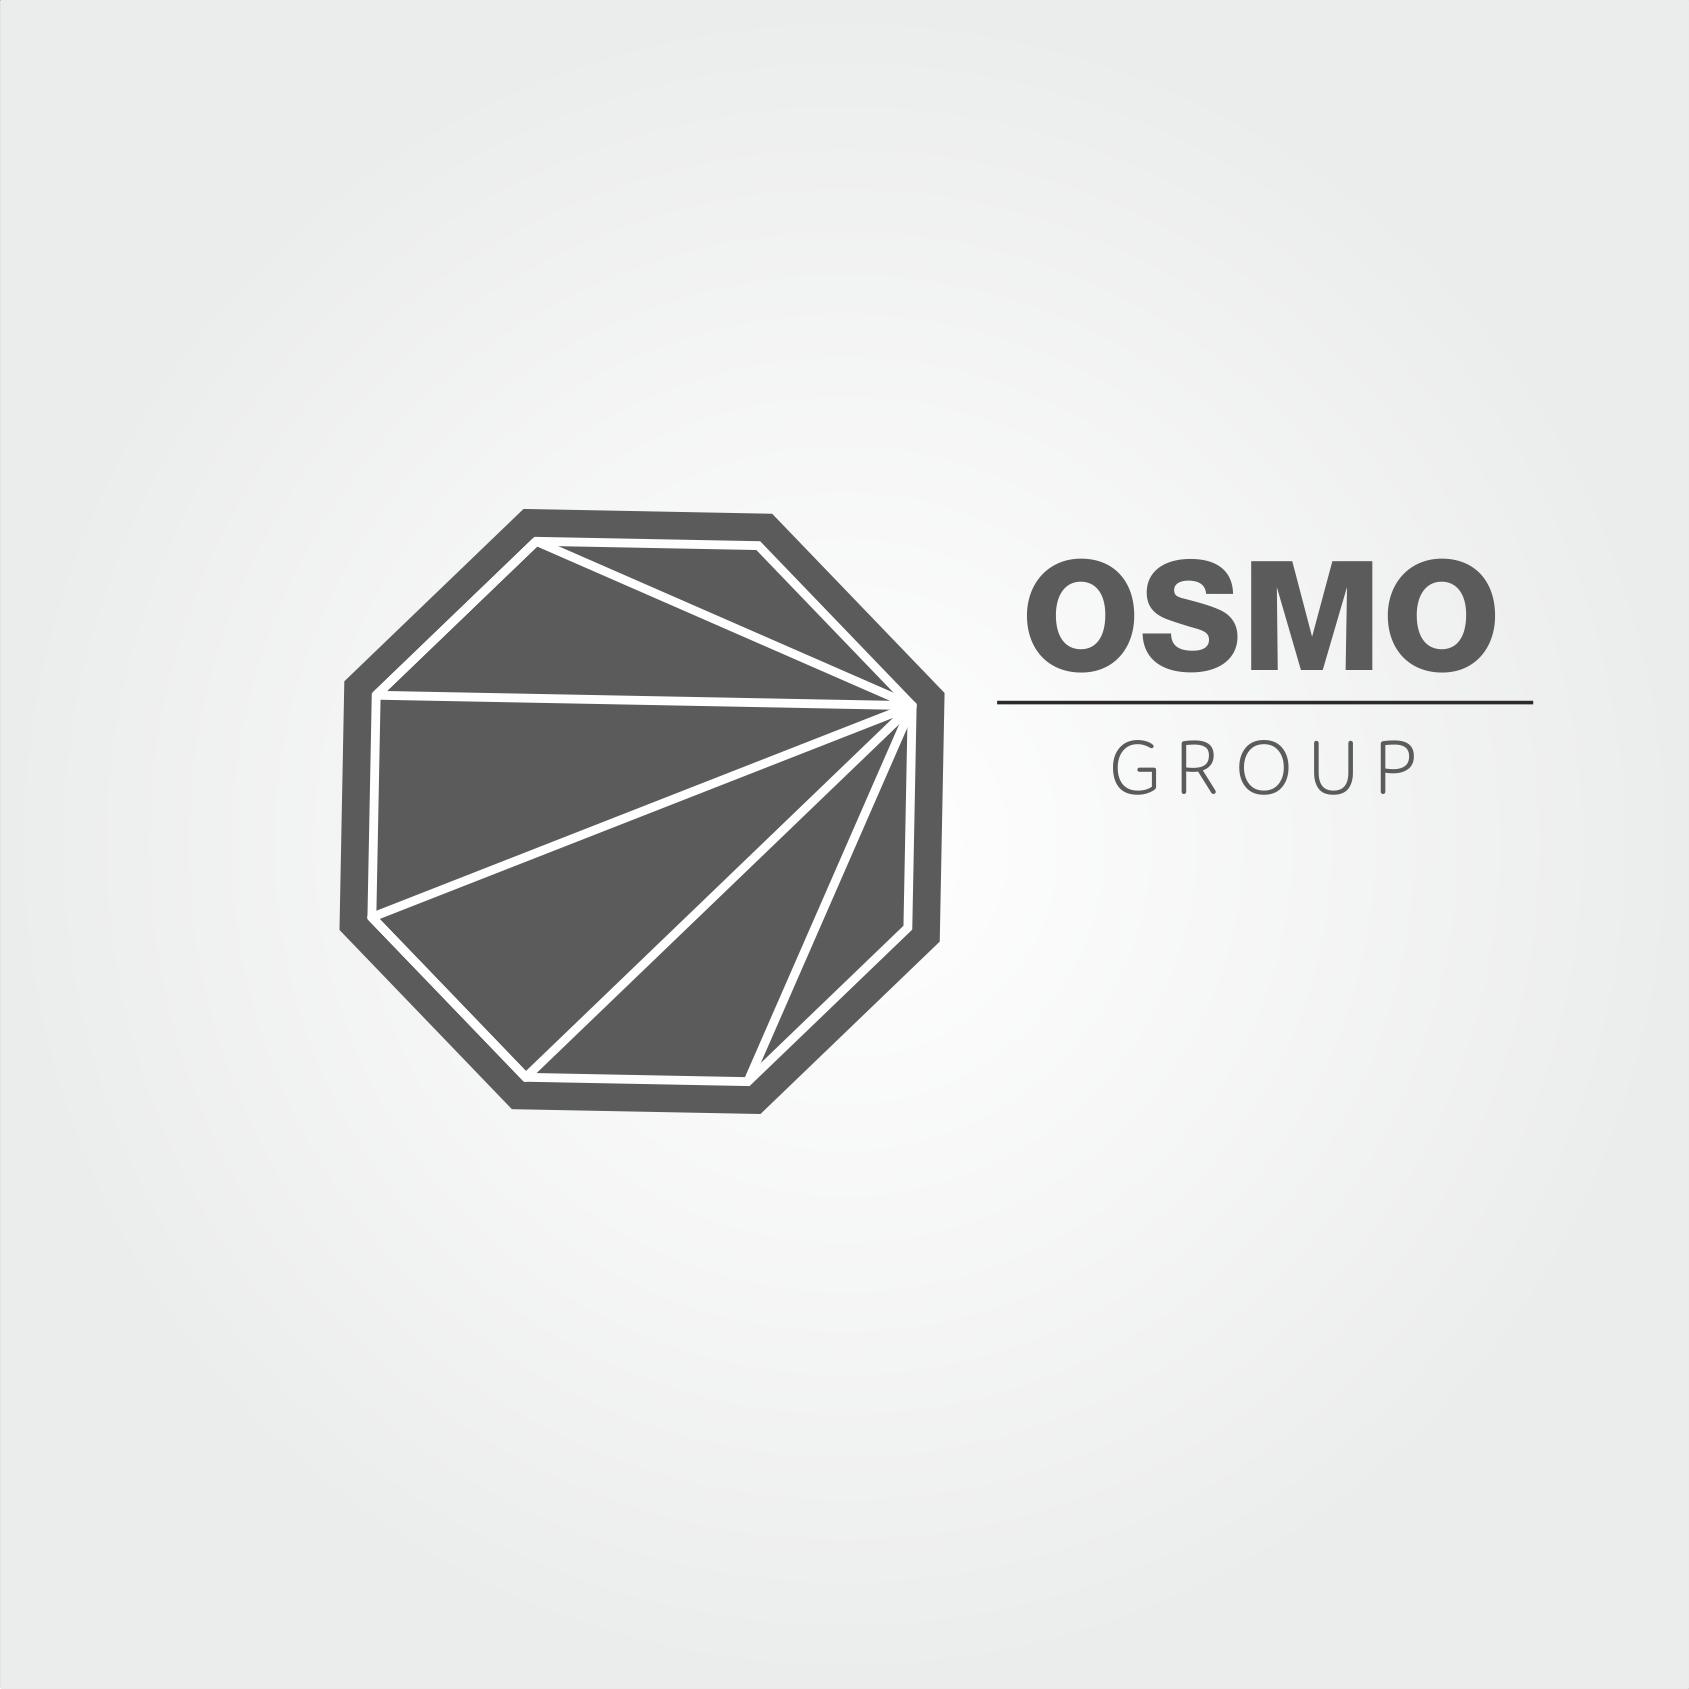 Создание логотипа для строительной компании OSMO group  фото f_55559b550bcbc1fa.png